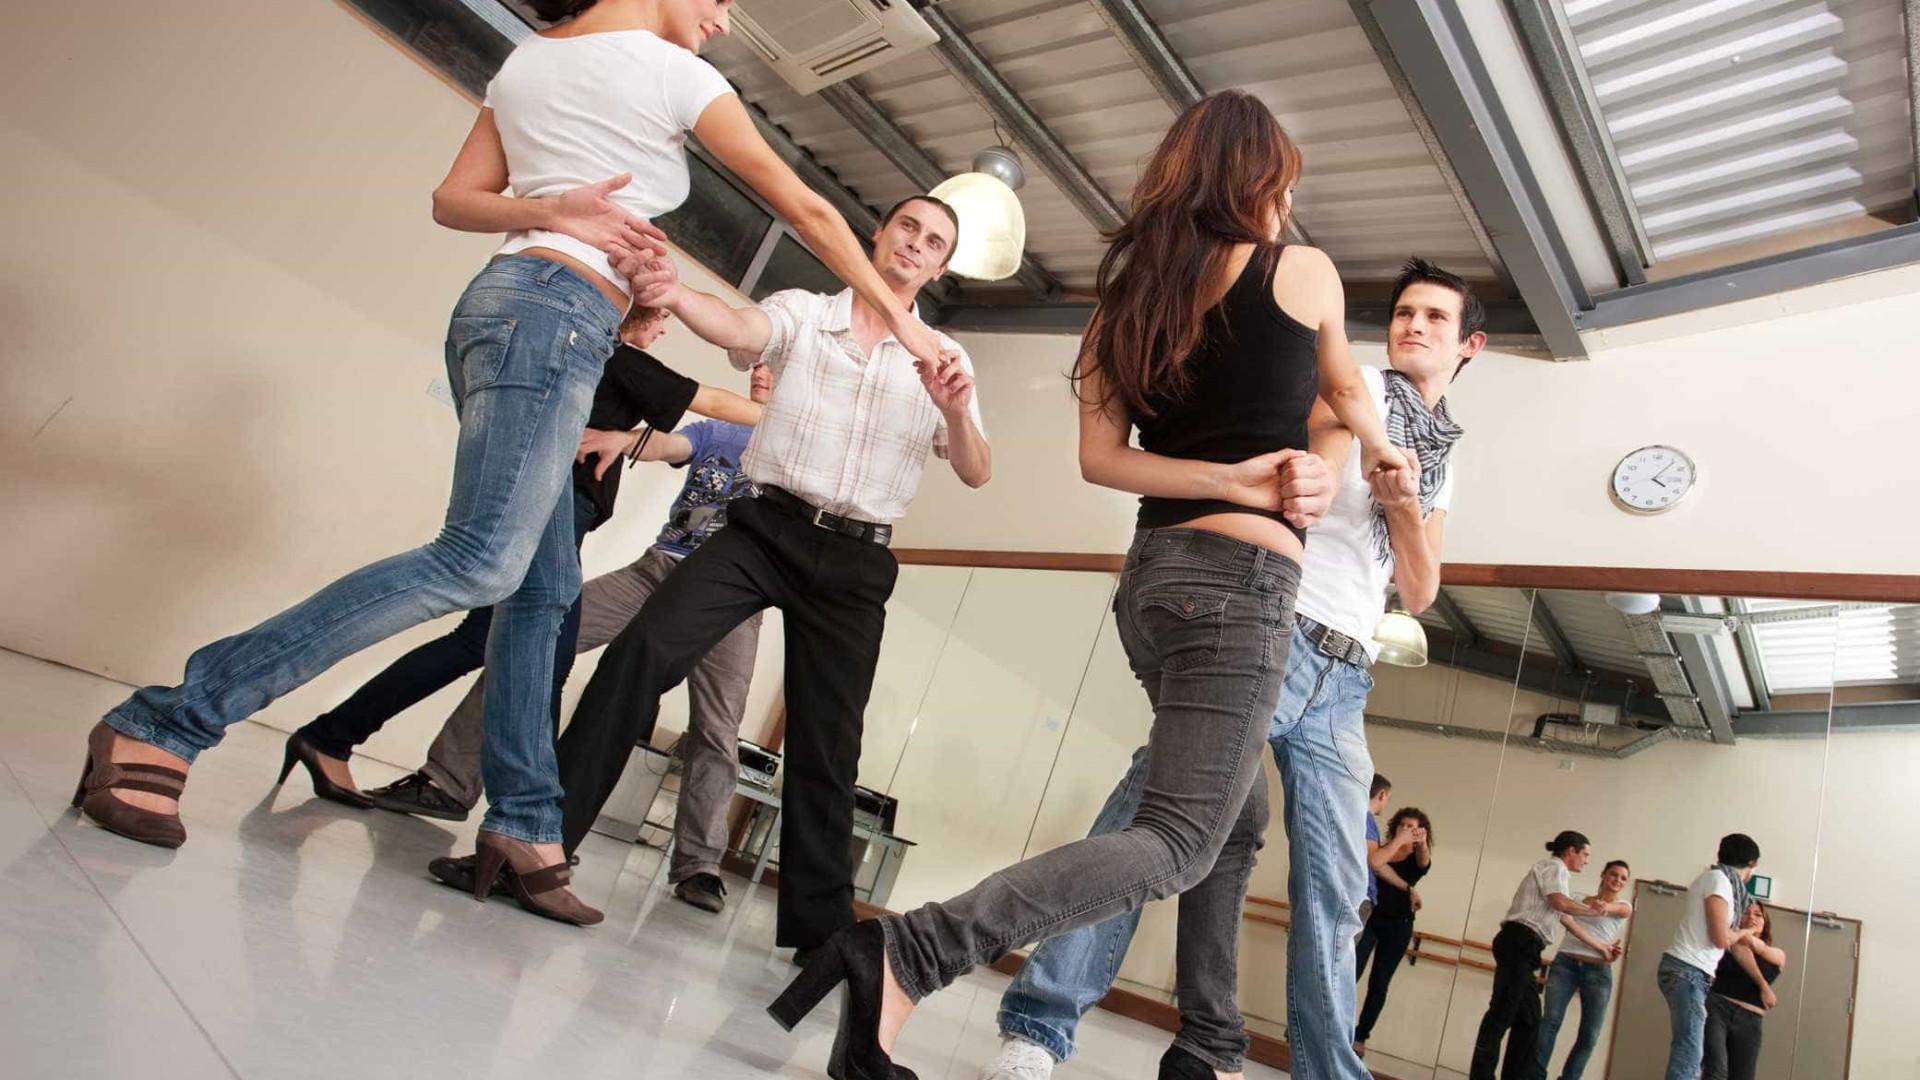 naom 59a5e6698327e - Precisa de mais razões para dançar? Atividade mantém o cérebro jovem